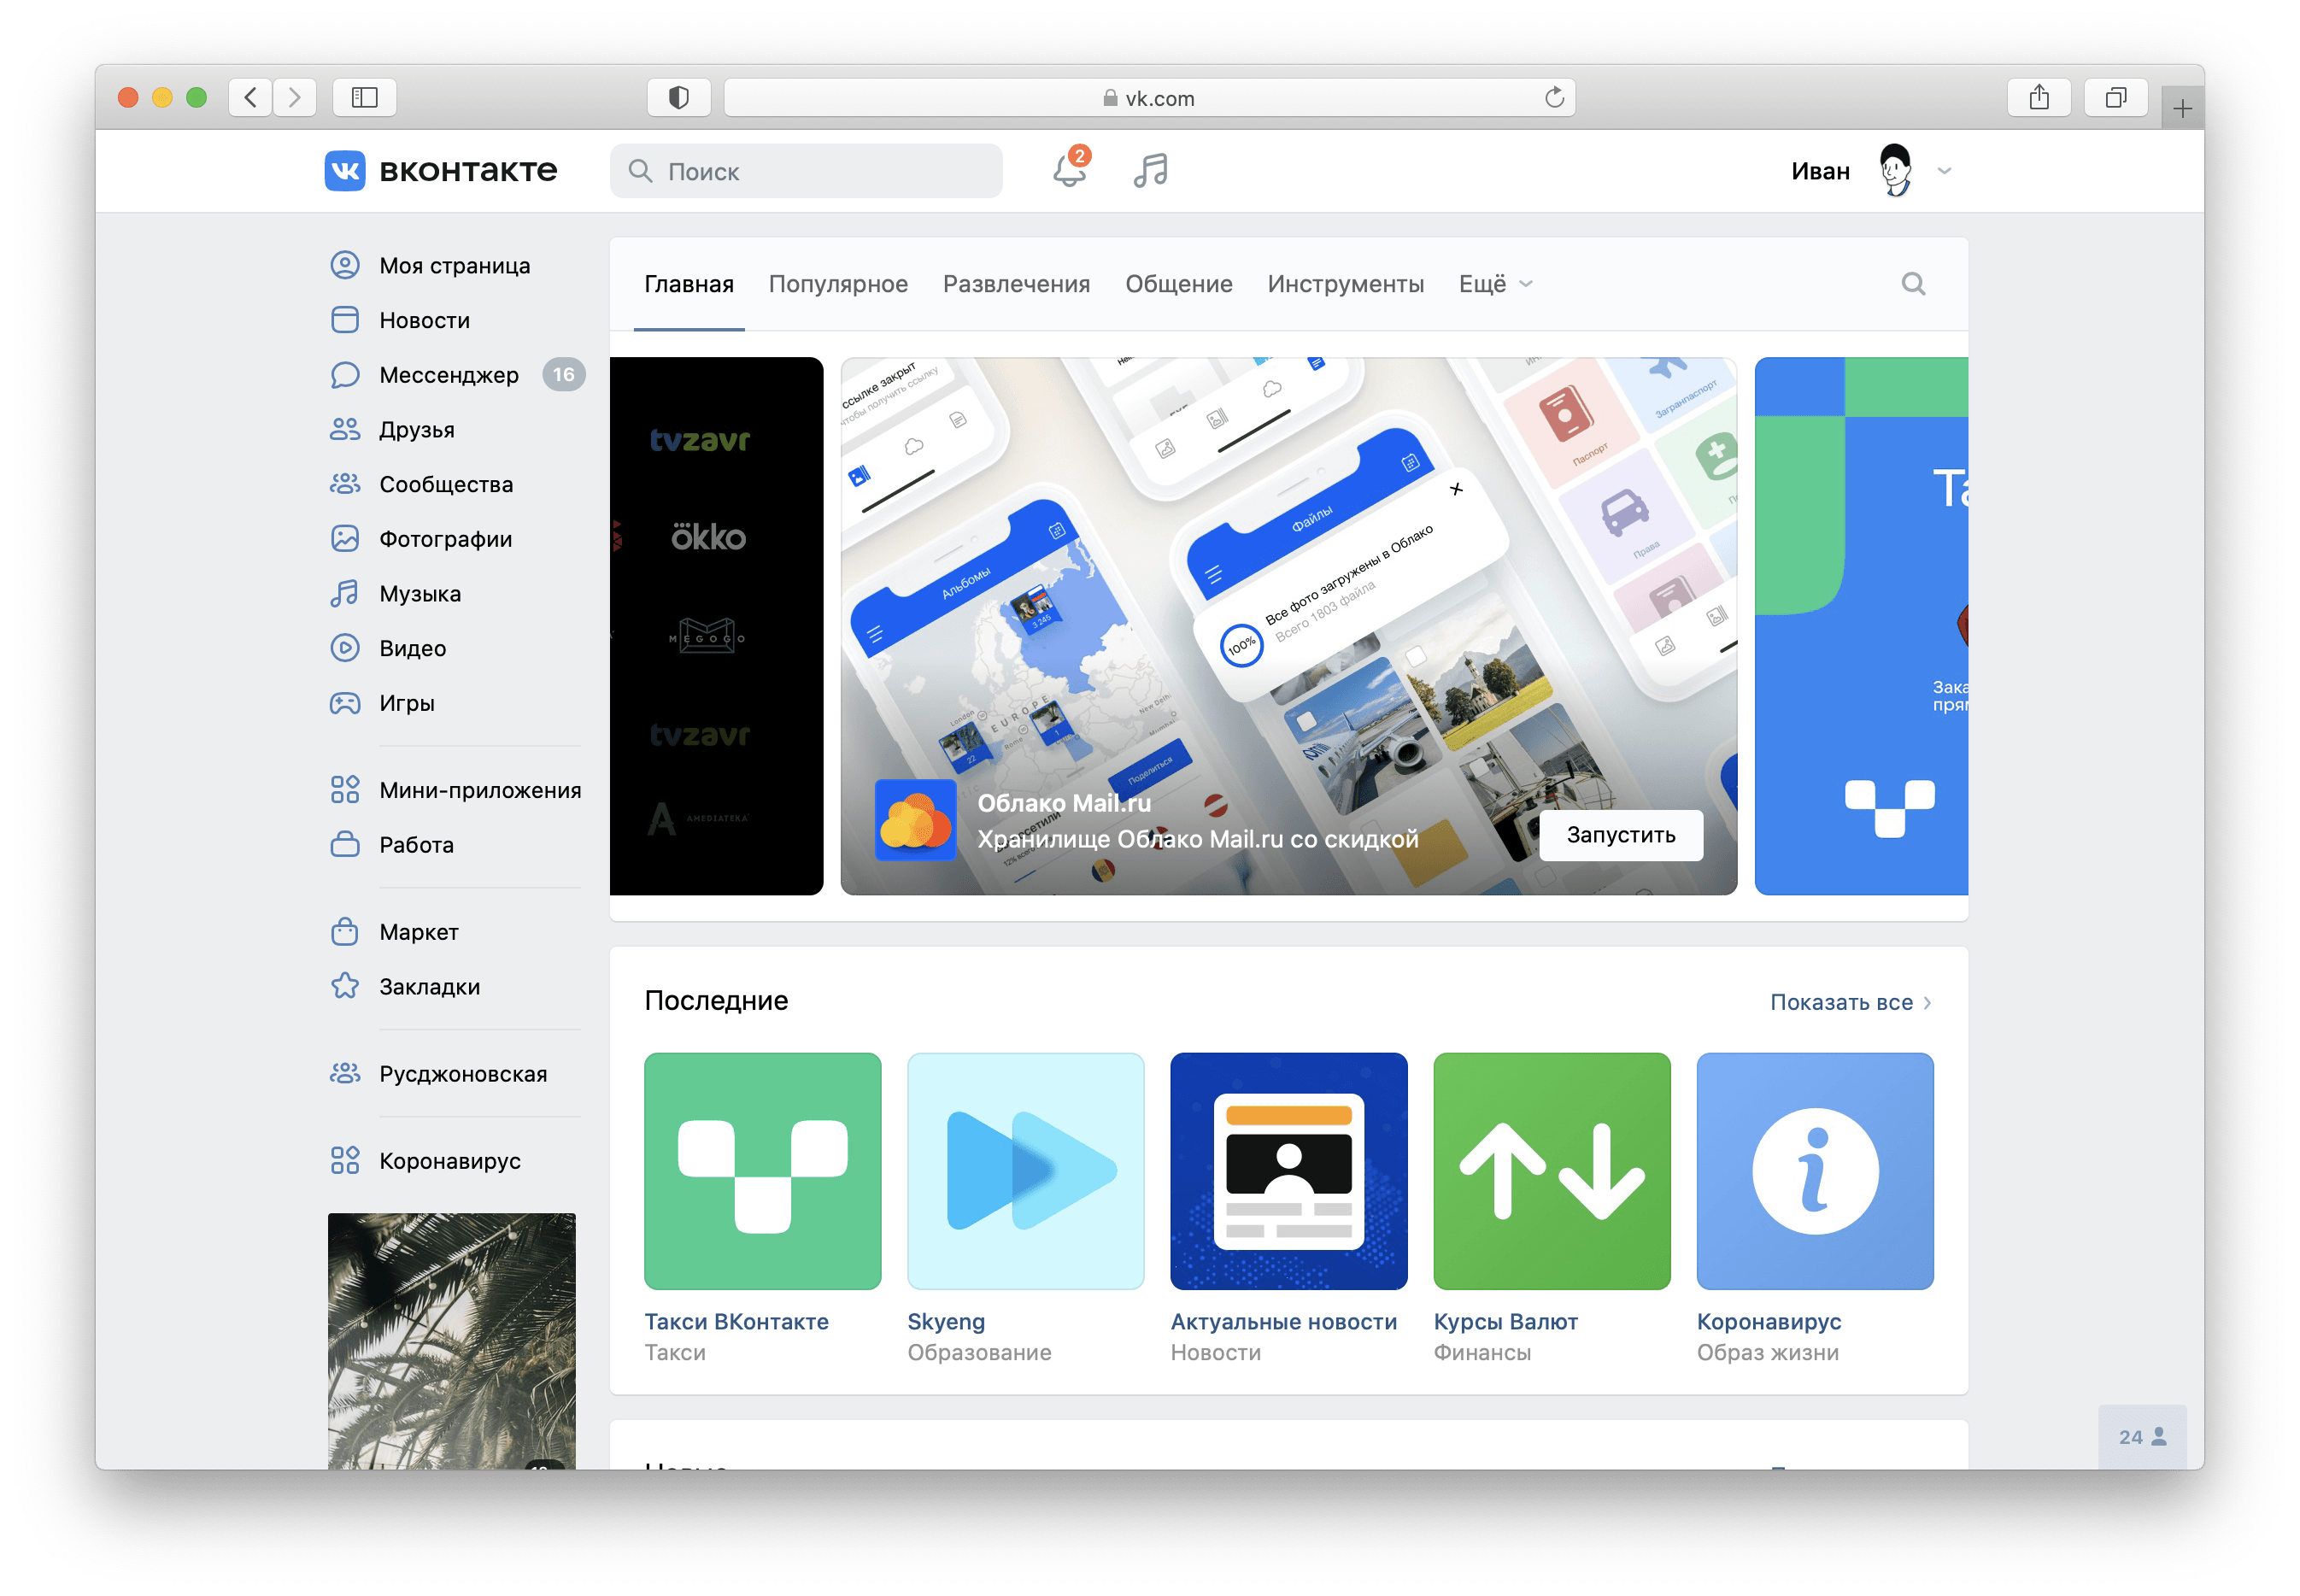 «ВКонтакте» запустила каталог мини-приложений в десктопной версии